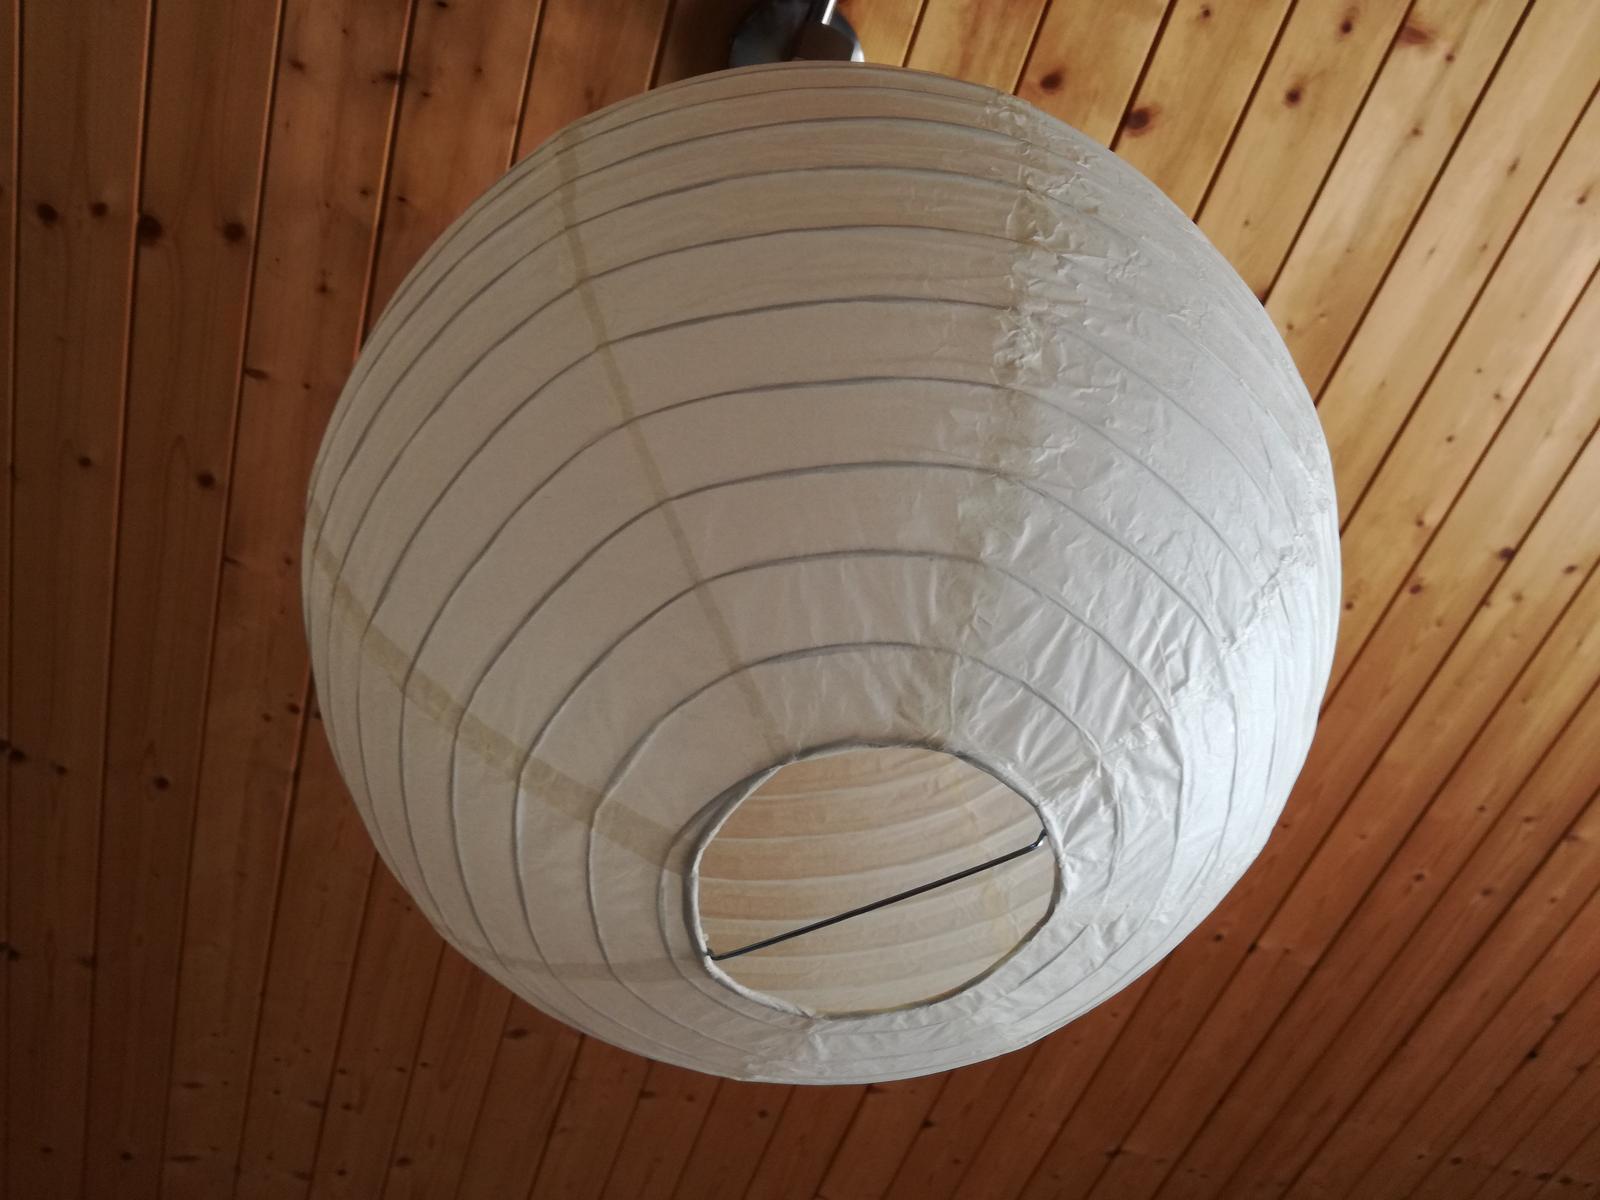 Lampión béžový/ivory velký - 20 ks - Obrázek č. 1